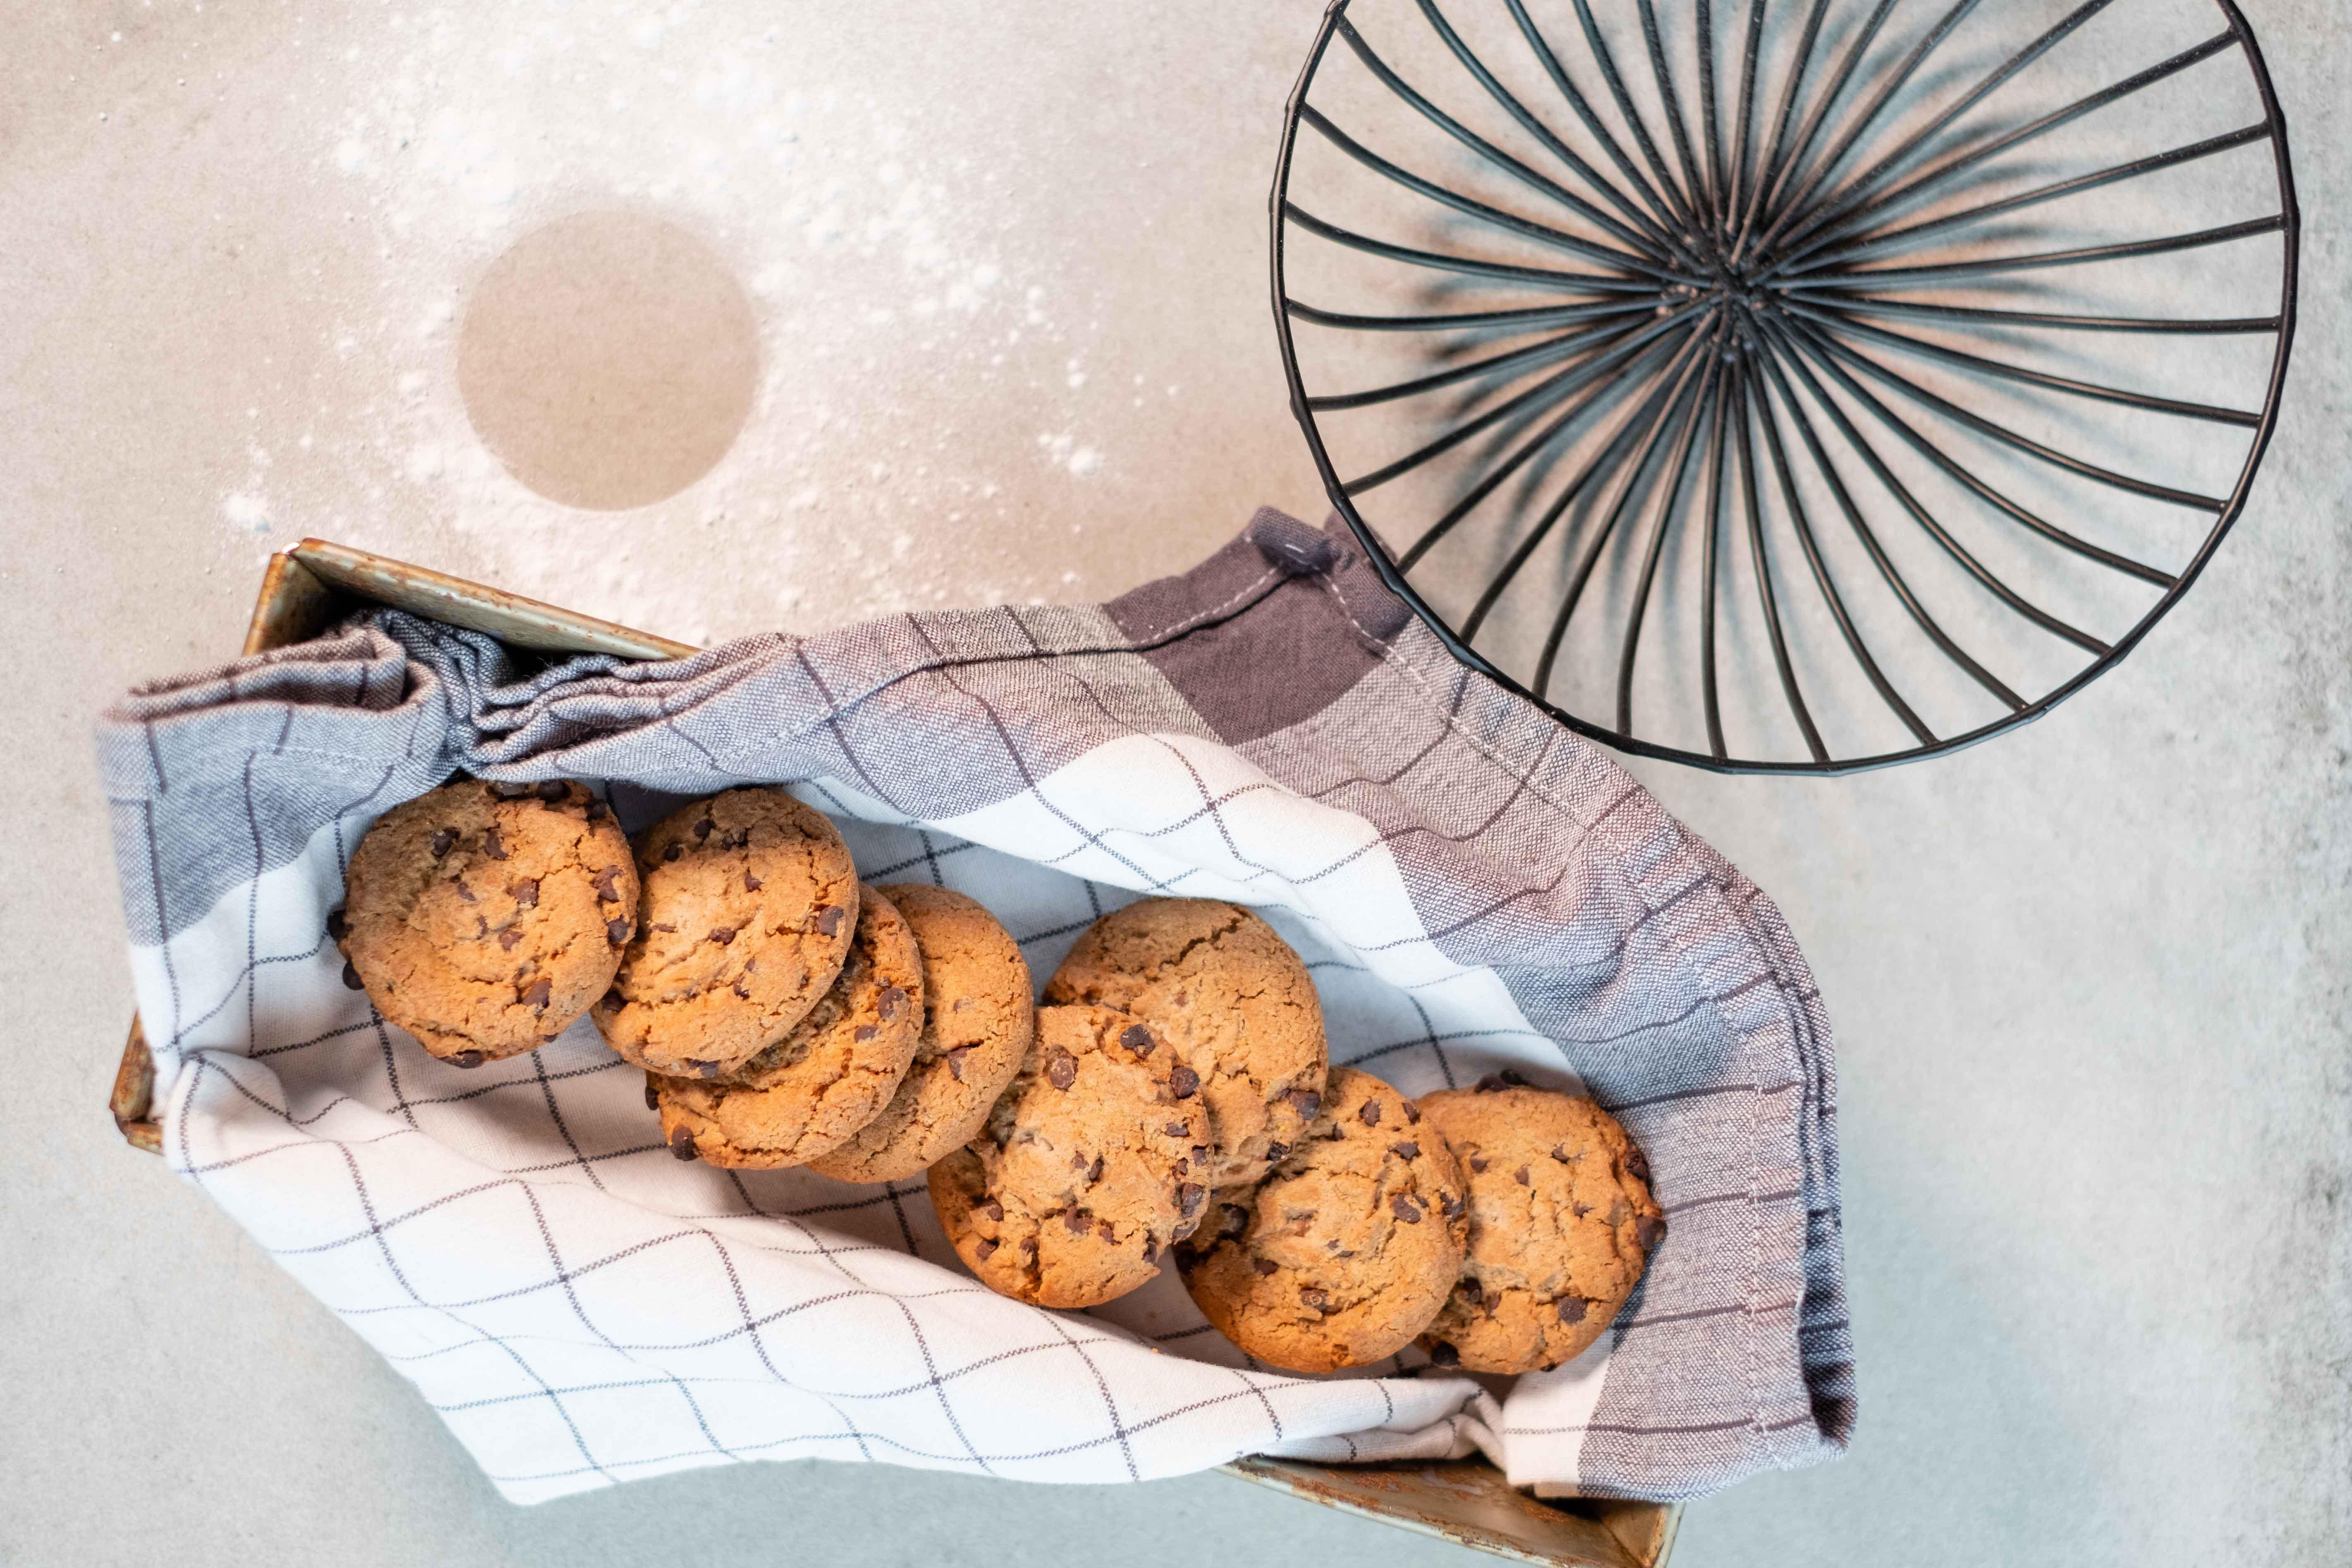 foodfotografie en styling koekjes